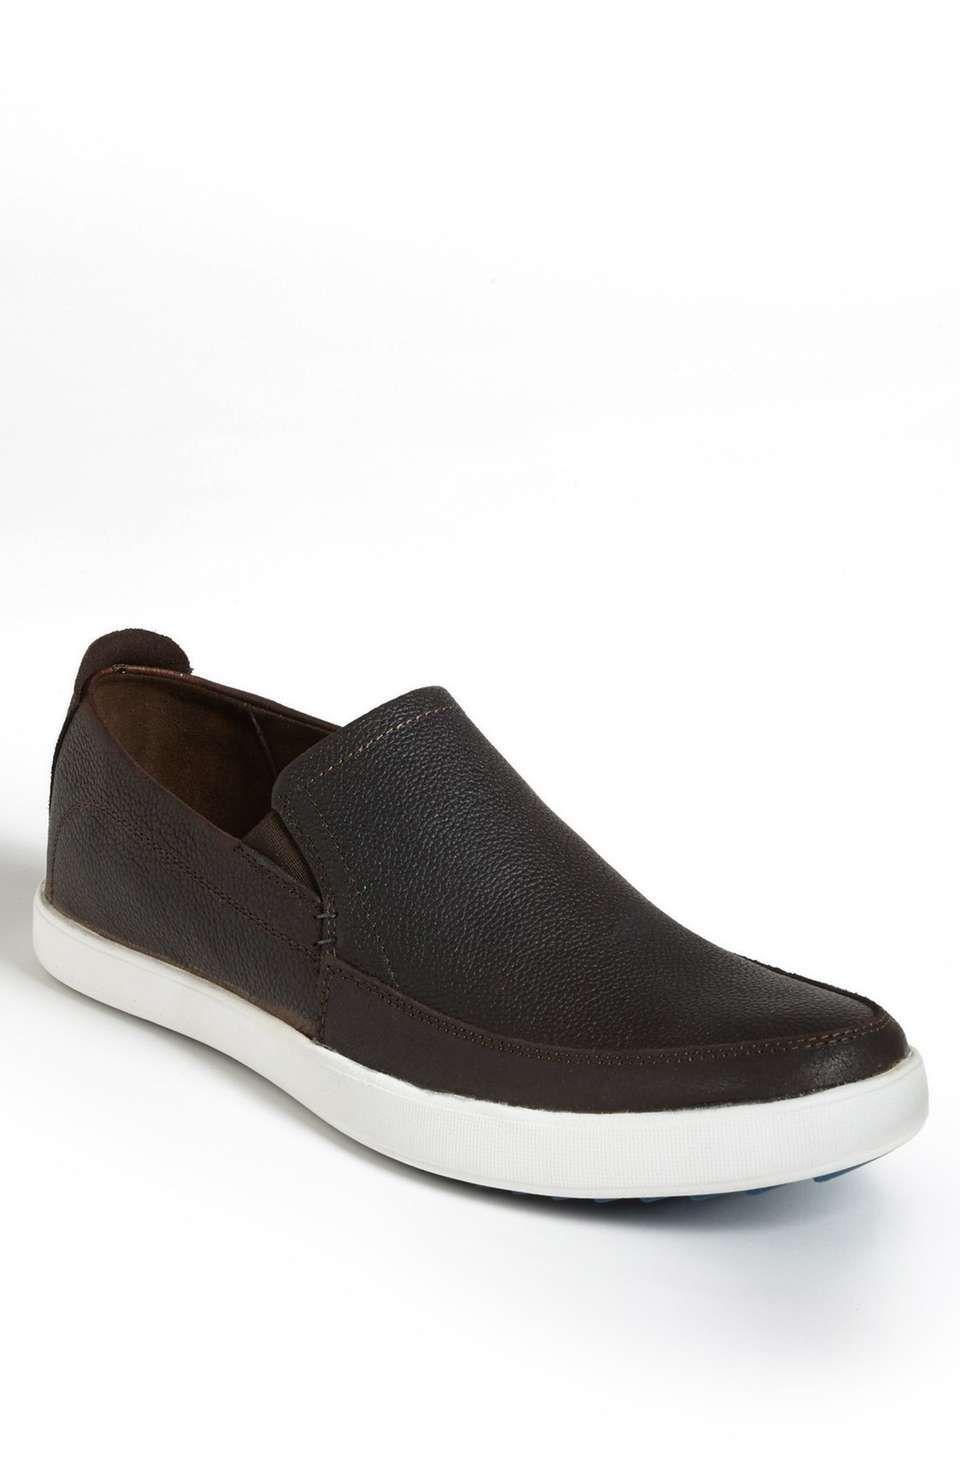 Zapatos negros Hush Puppies Roadside para hombre SlfGRA